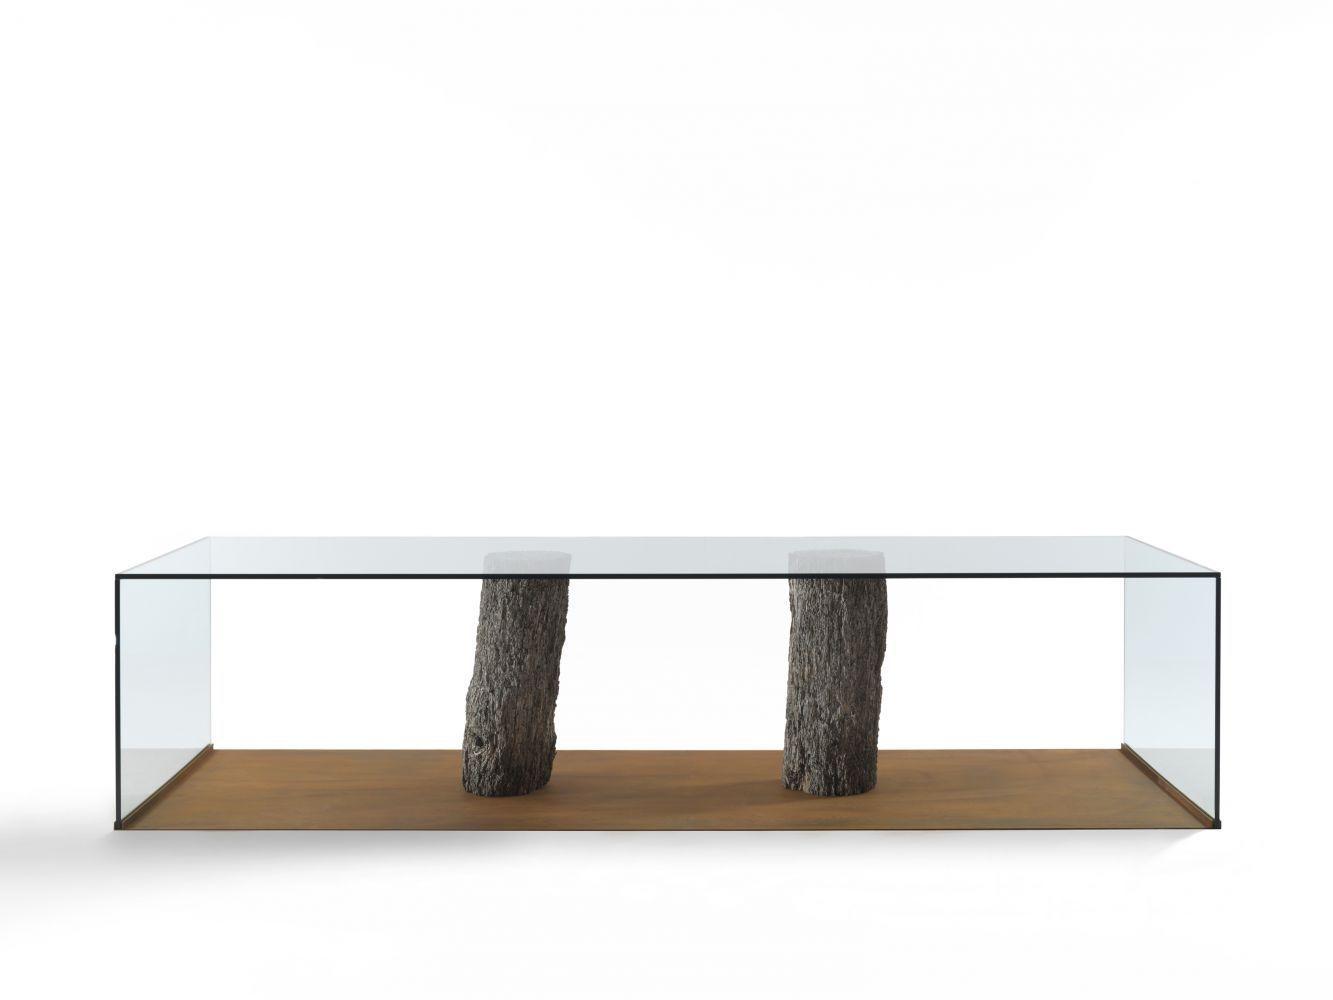 Tavolo Moderno Legno E Vetro.Tavolo Moderno In Legno In Vetro Rettangolare Laguna By